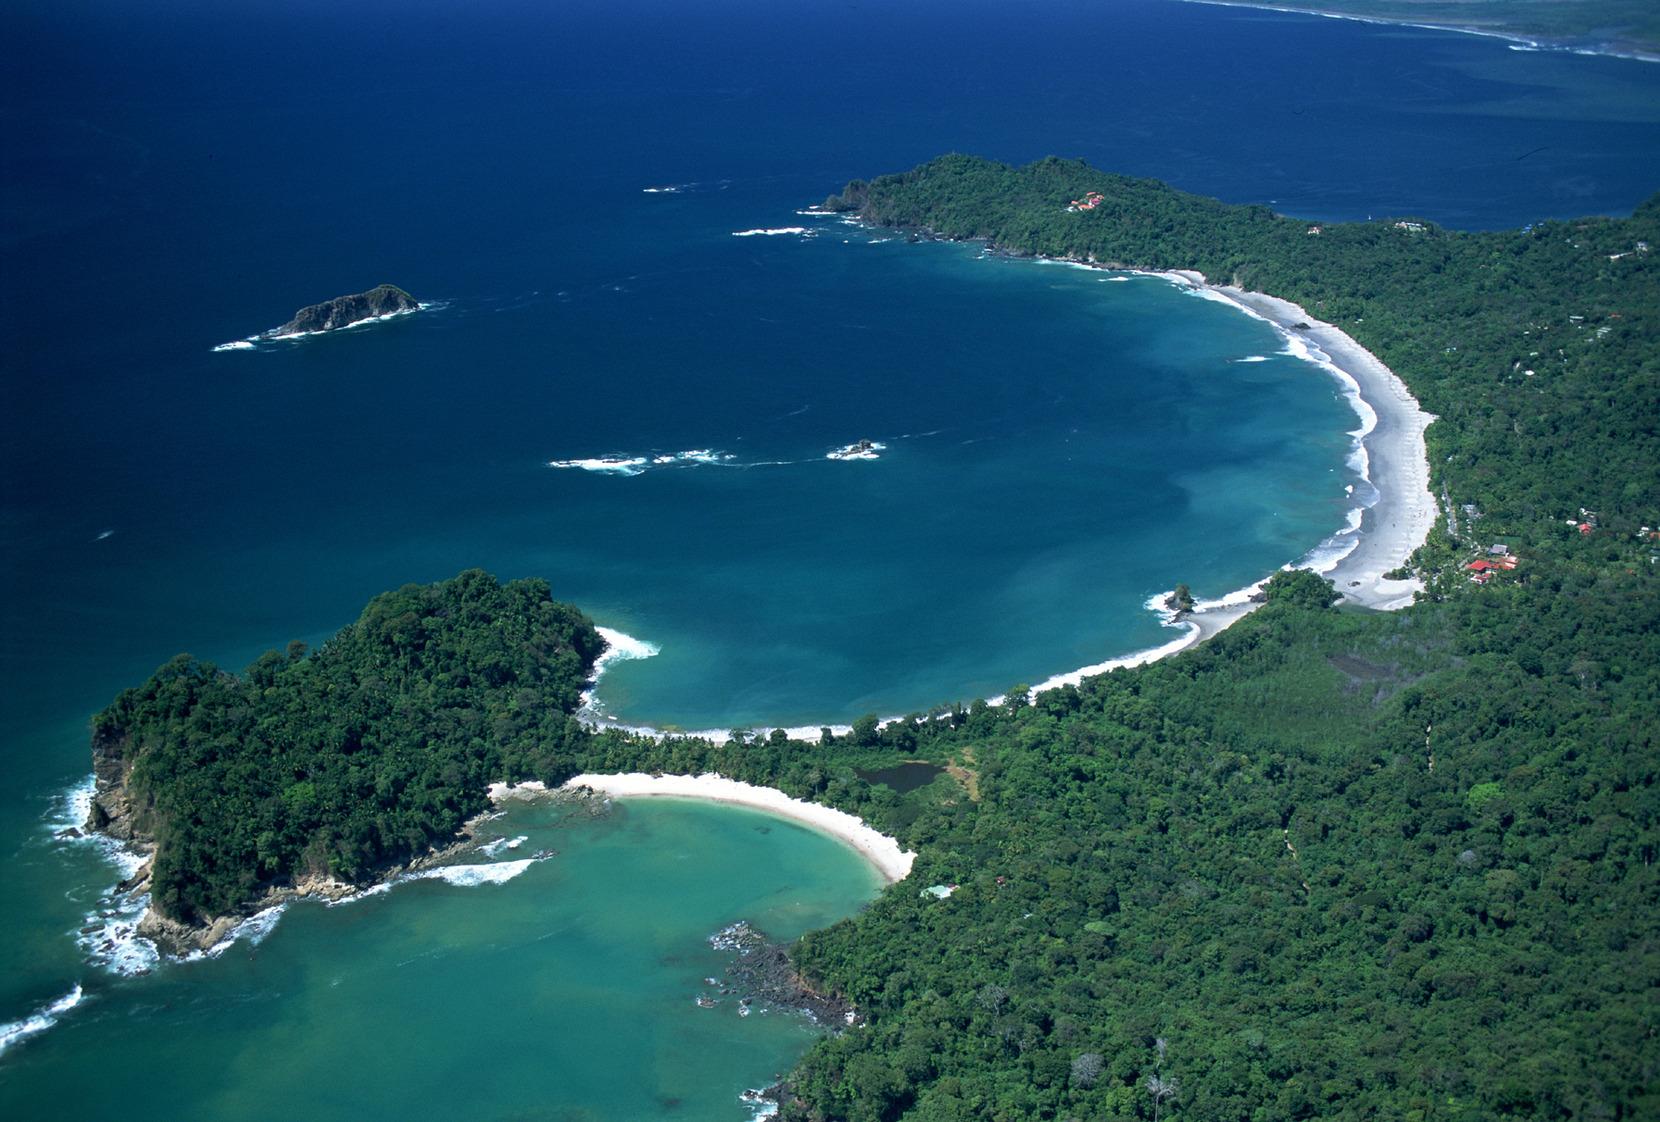 Parque Nacional Manuel Antonio - Costa Rica | foto: geografiacr.com